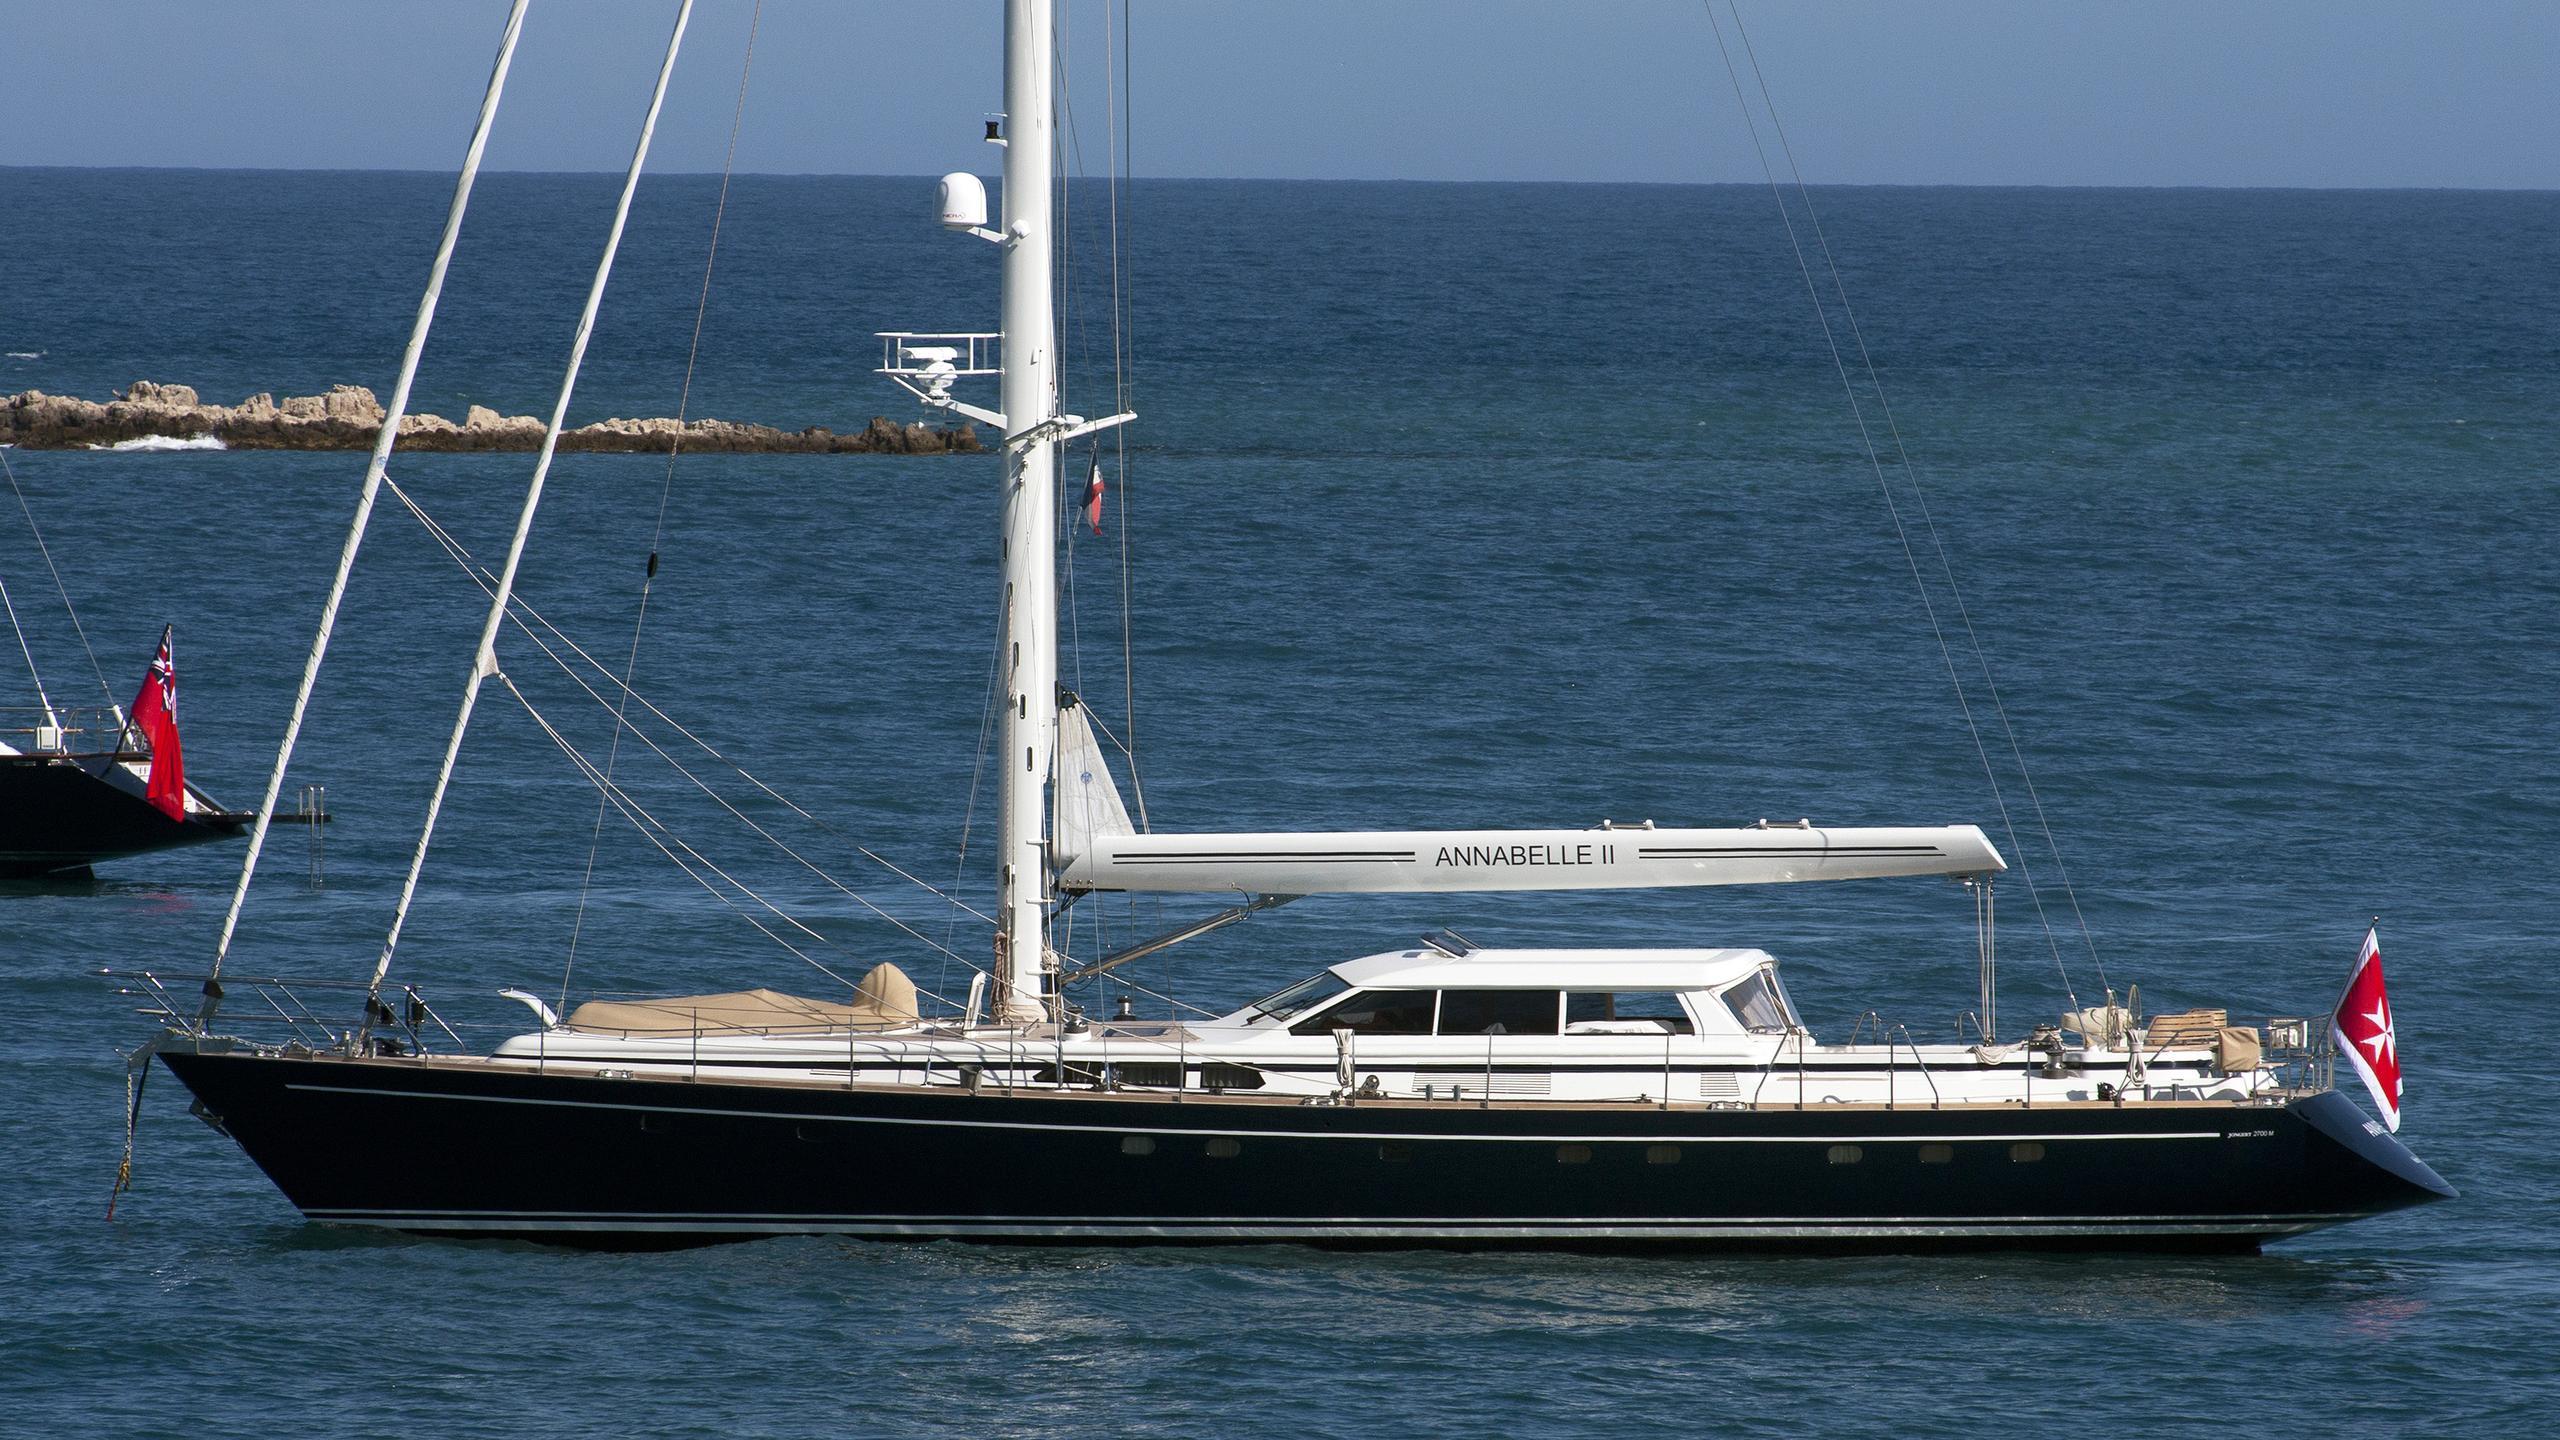 annabelle-ii-yacht-exterior